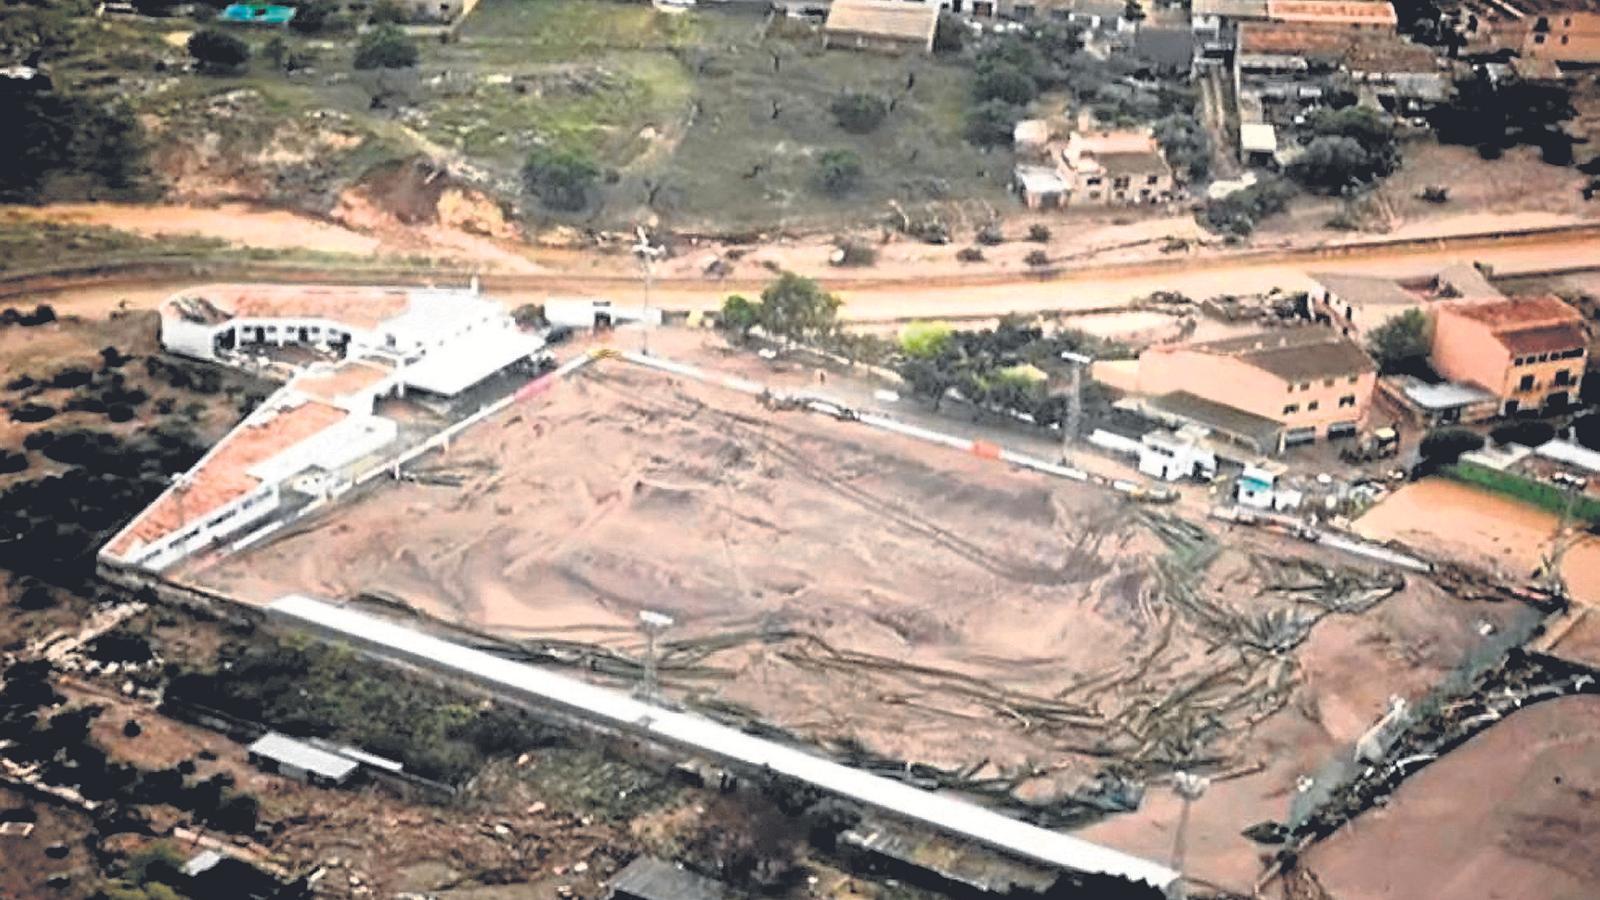 El terreny de joc del CE Cardassar va quedar totalment destrossat per la força de les inundacions